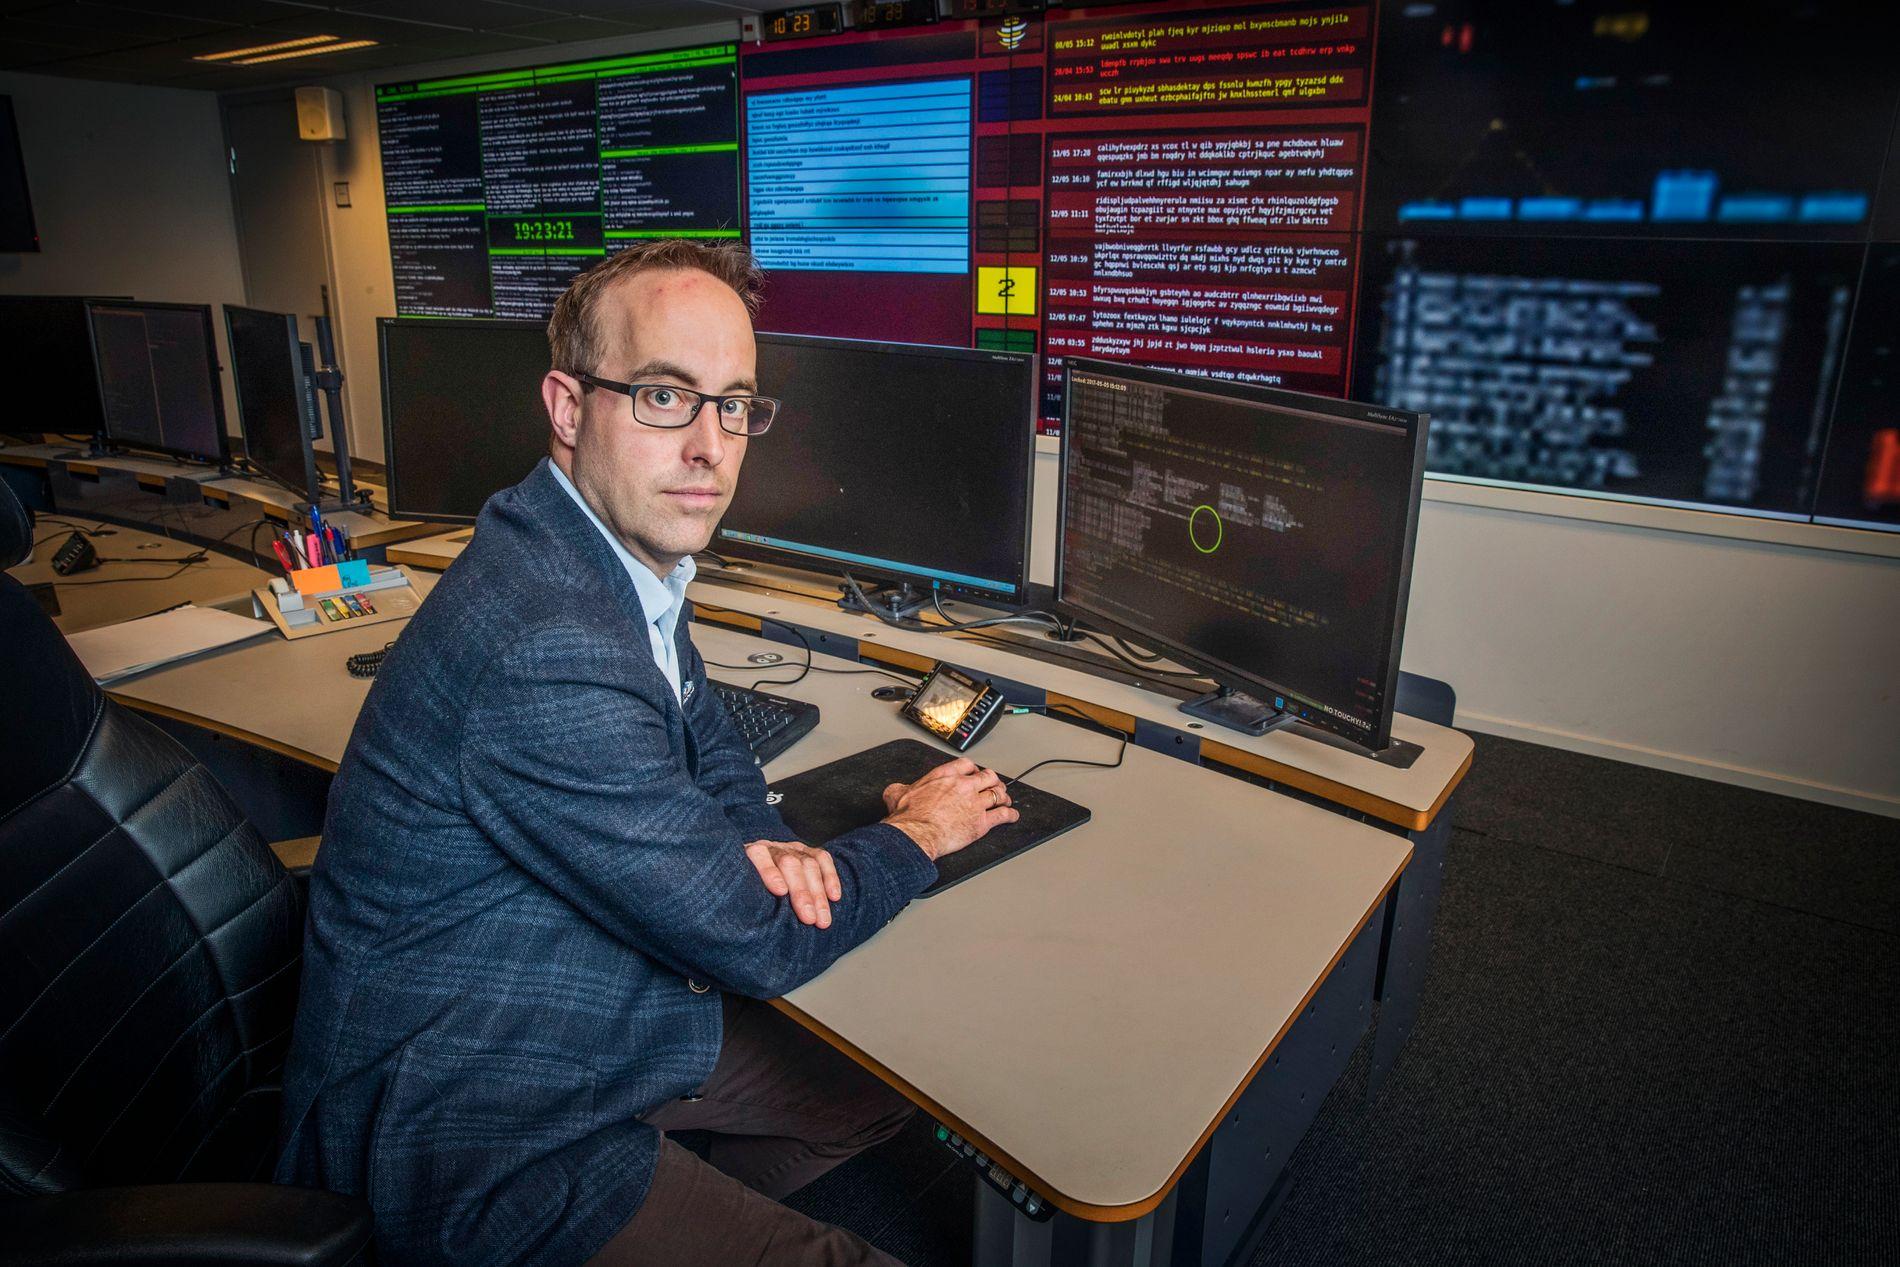 OVERVÅKER: Håkon Bergsjø er leder av avdelingen i Nasjonal sikkerhetsmyndighet (NSM) som håndterer alvorlige dataangrep mot kritisk infrastruktur.